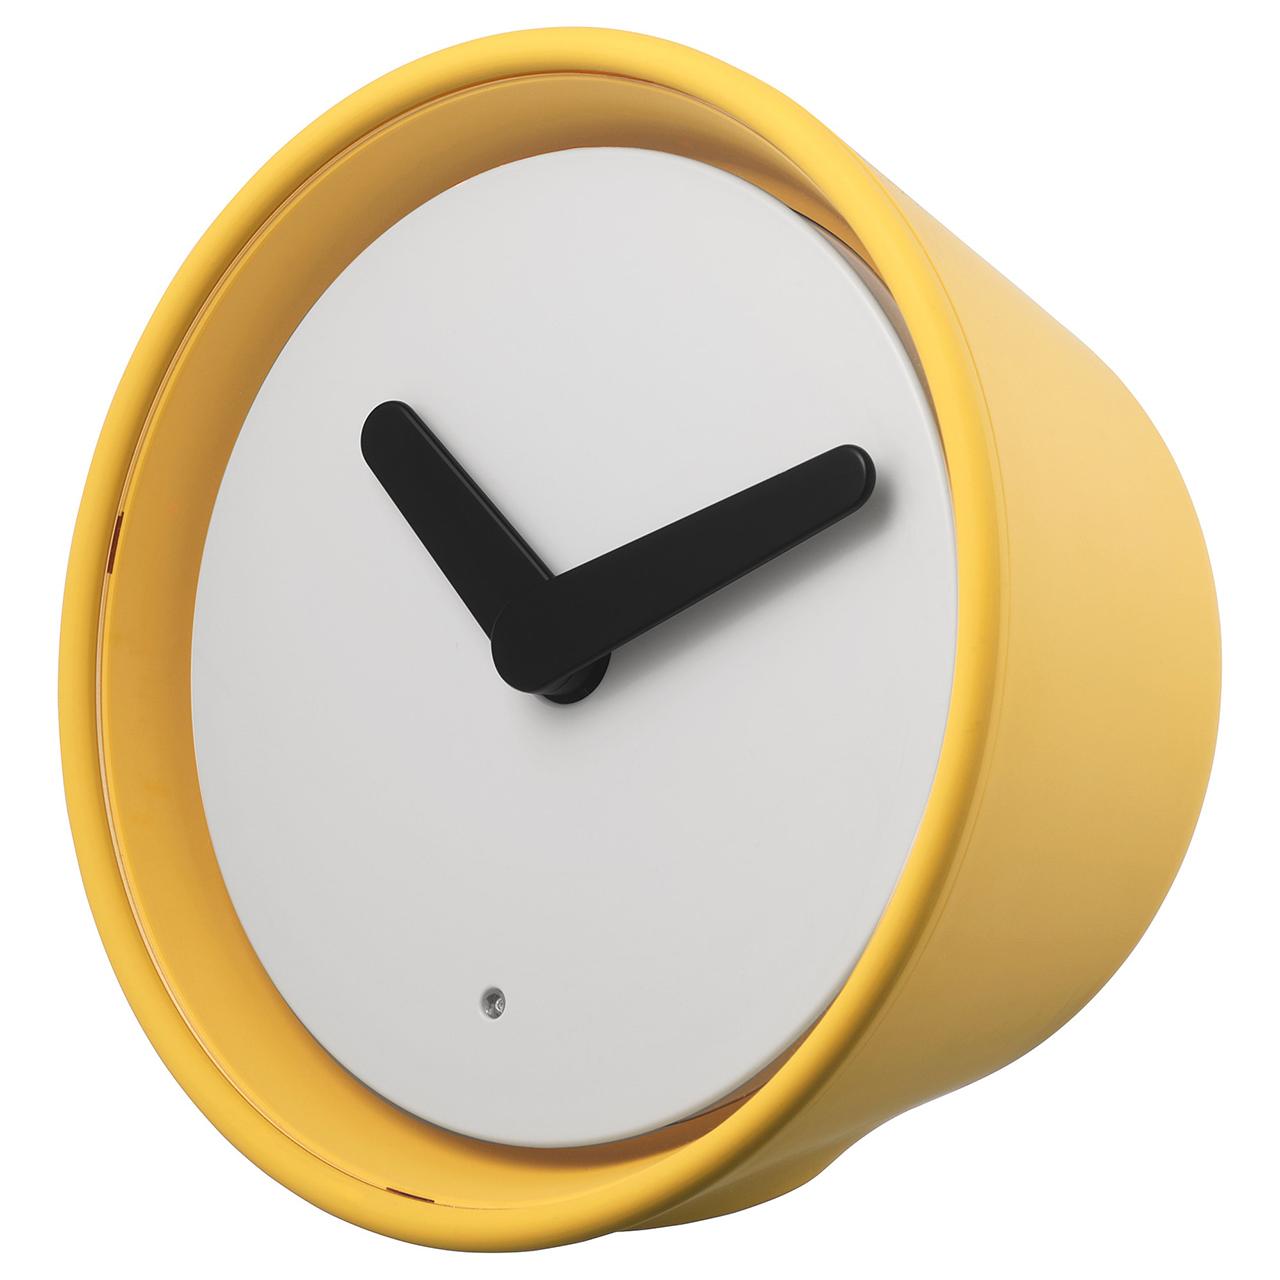 ساعت رومیزی ایکیا مدل 20400380 - STOLPA